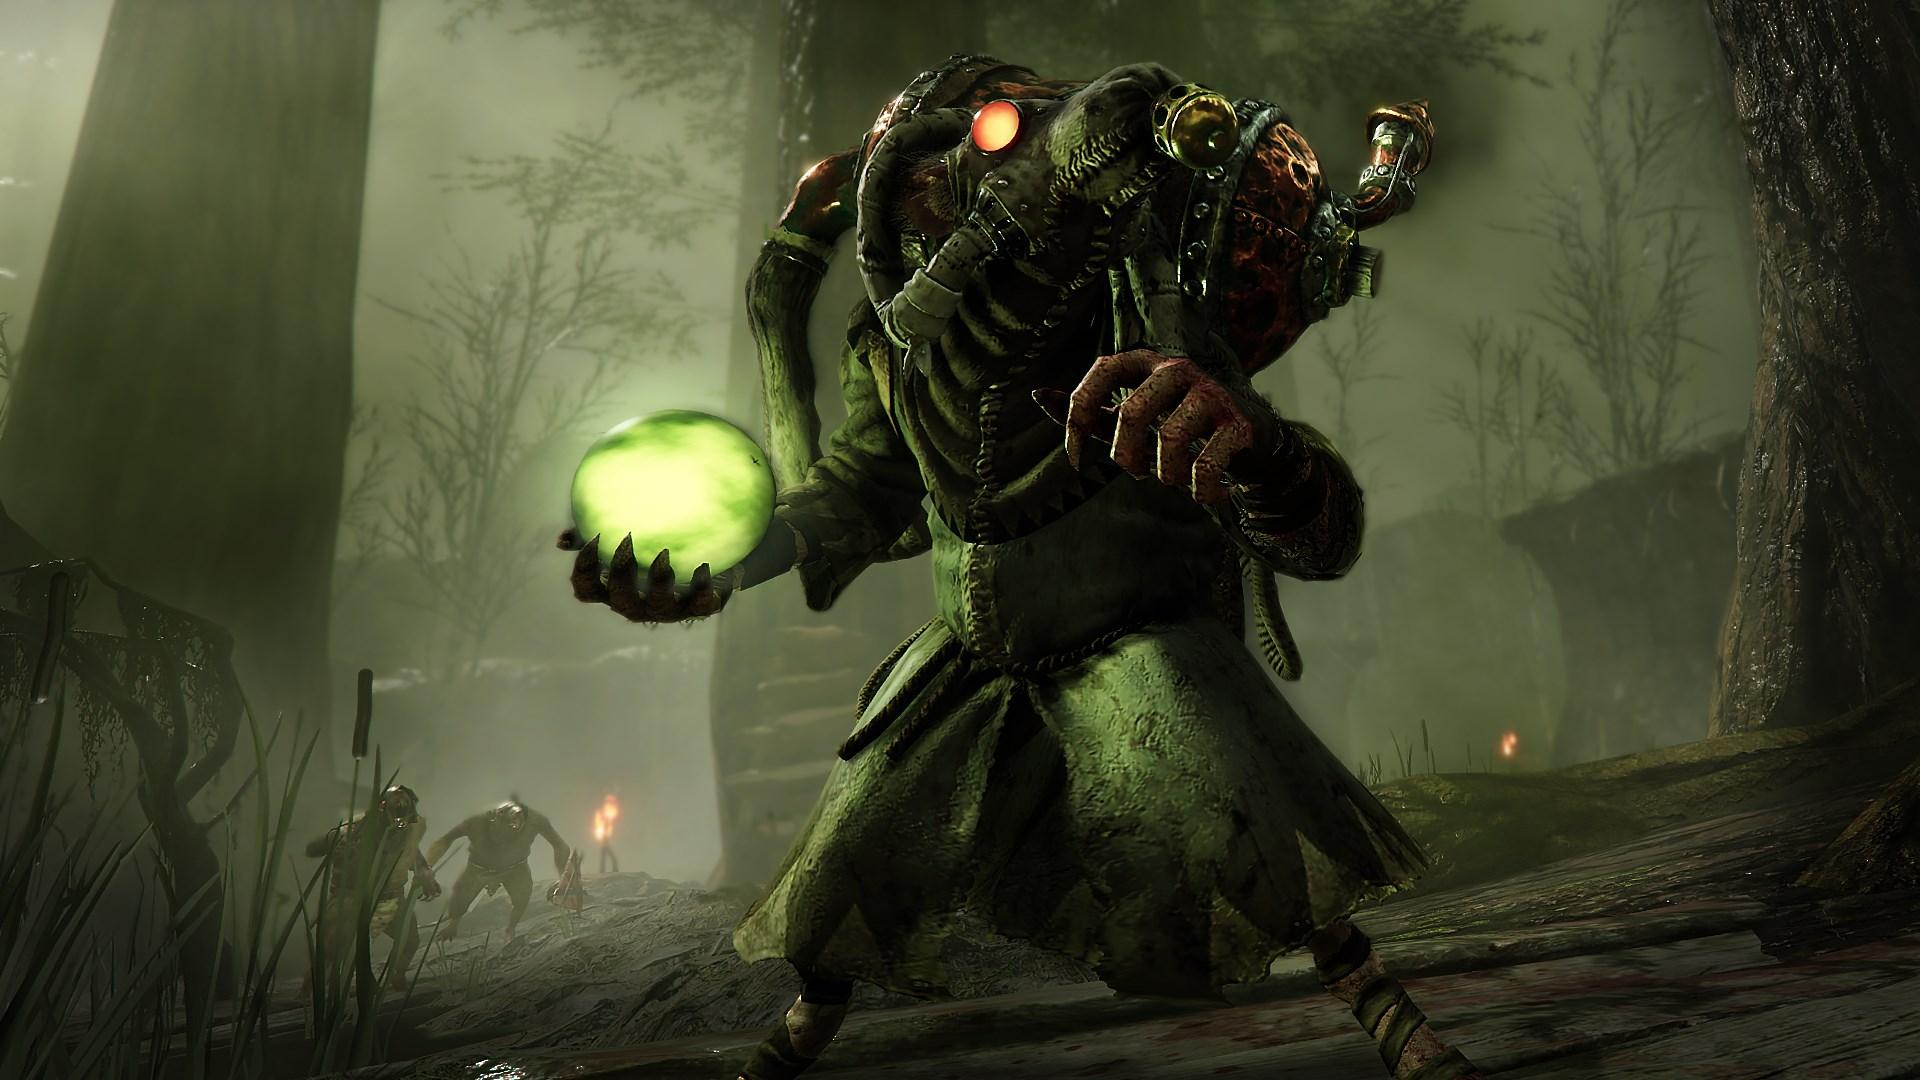 Warhammer: Vermintide 2 - Skavens - Warhammer: Vermintide 2 Арт